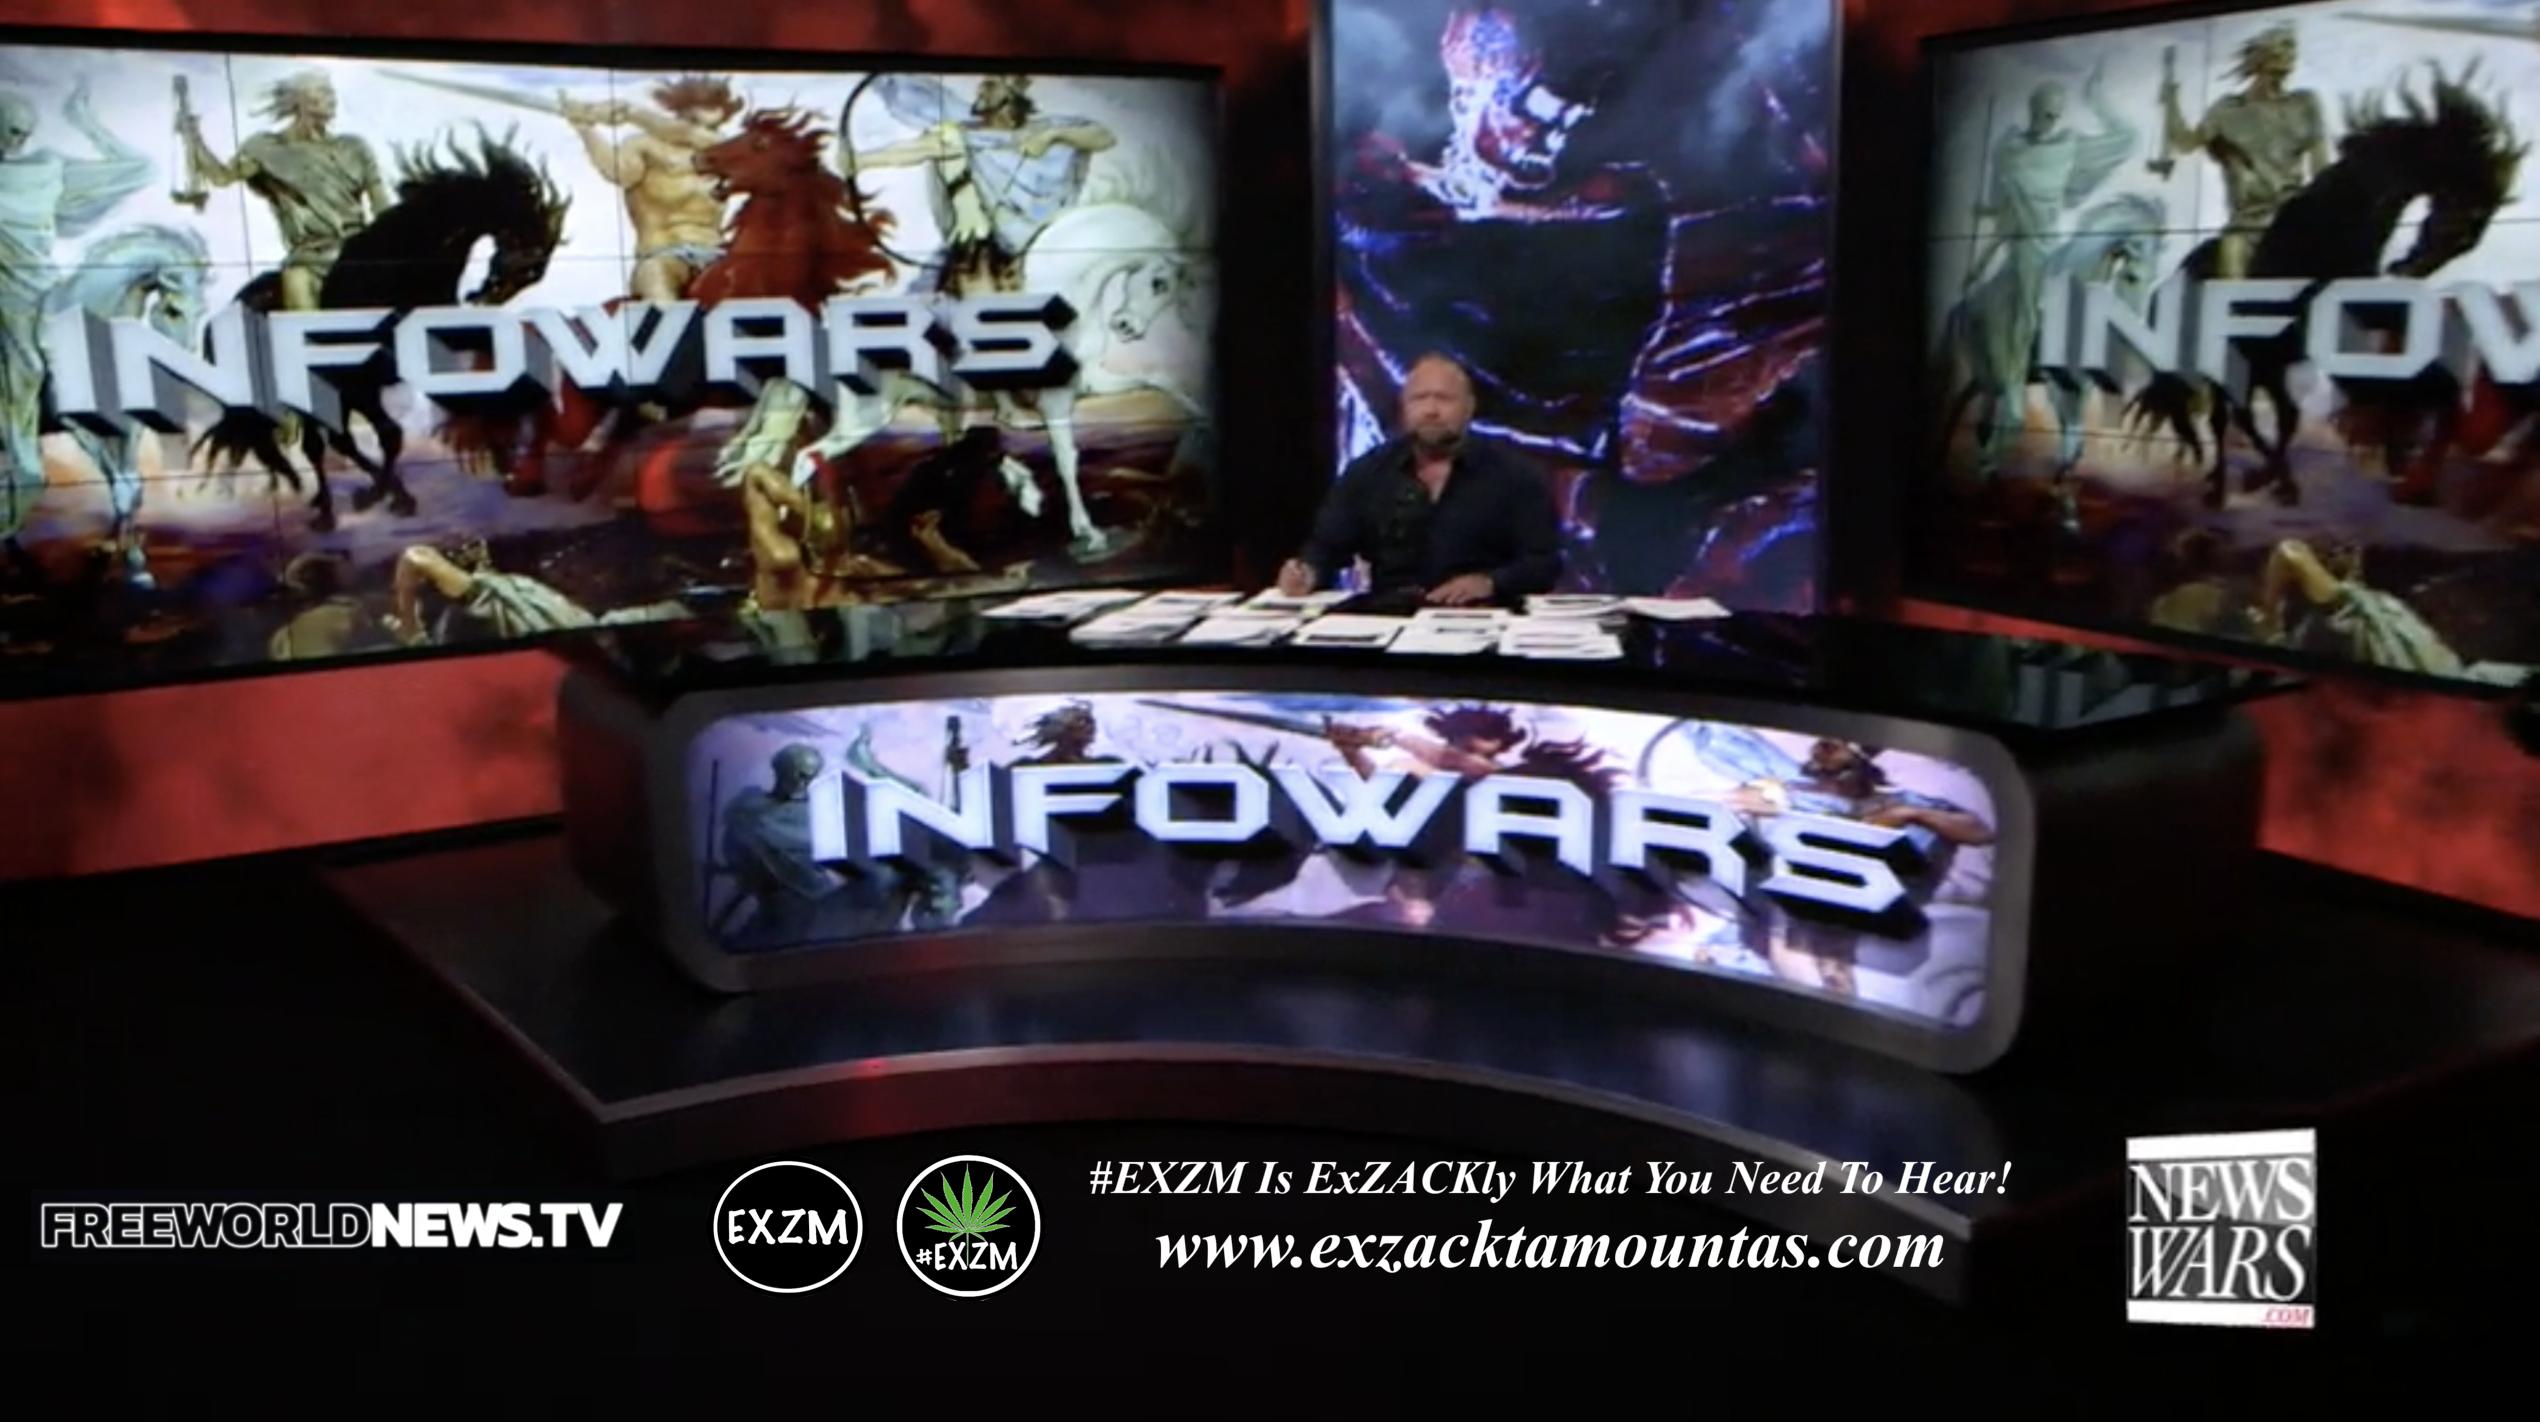 Alex Jones Live In Infowars Studio EXZM Zack Mount June 14th 2021 copy